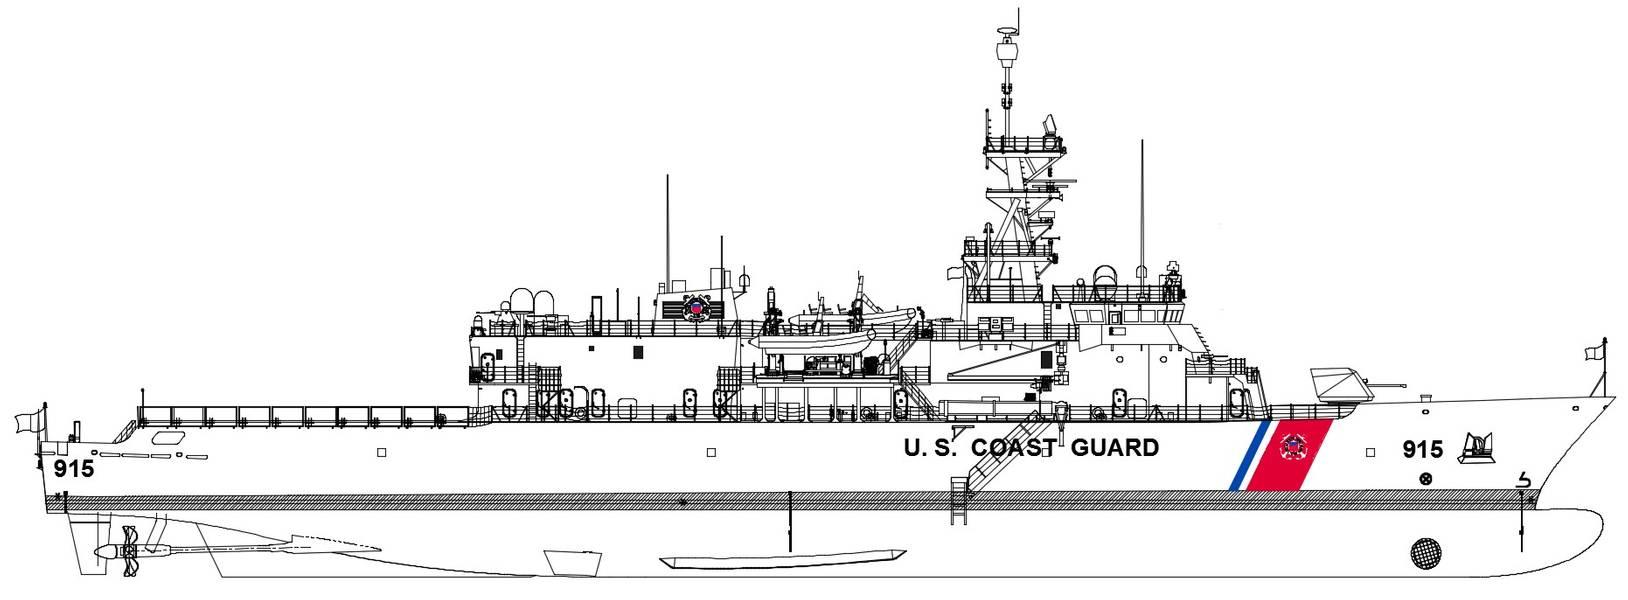 A تقديم من القاطع باترول البحرية